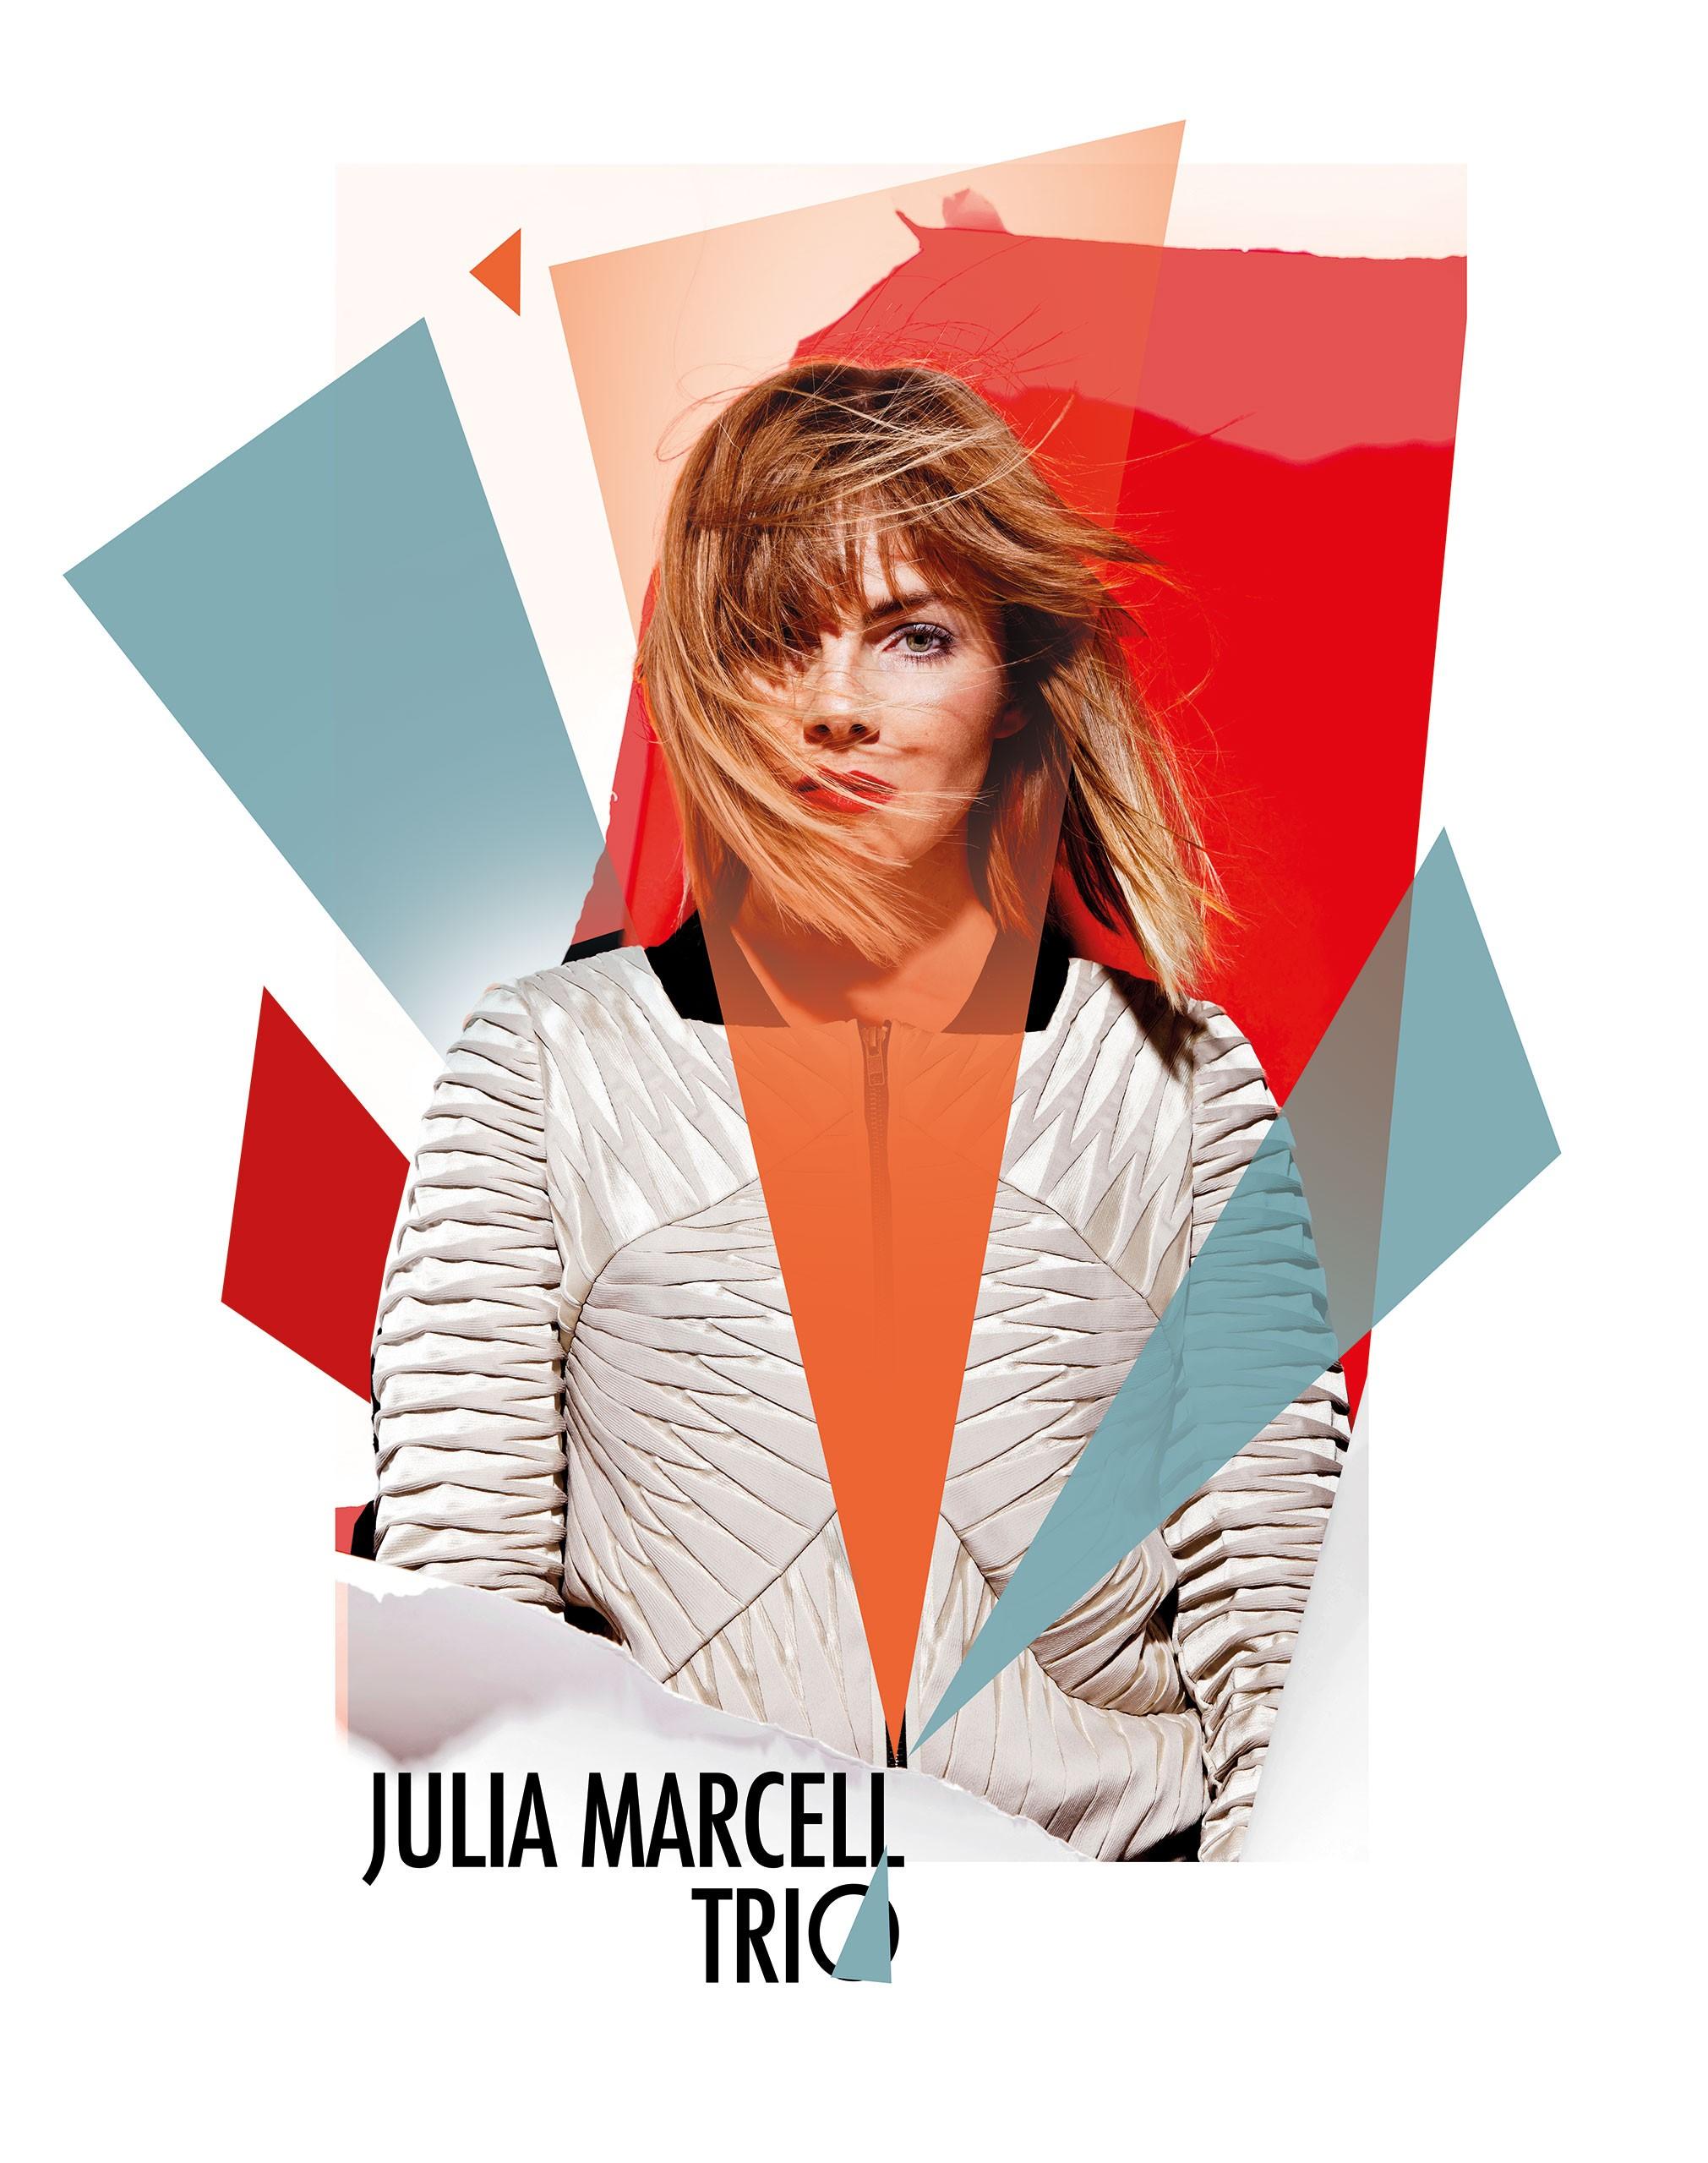 Julia Marcell TRIO (źródło: materiały prasowe organizatora)